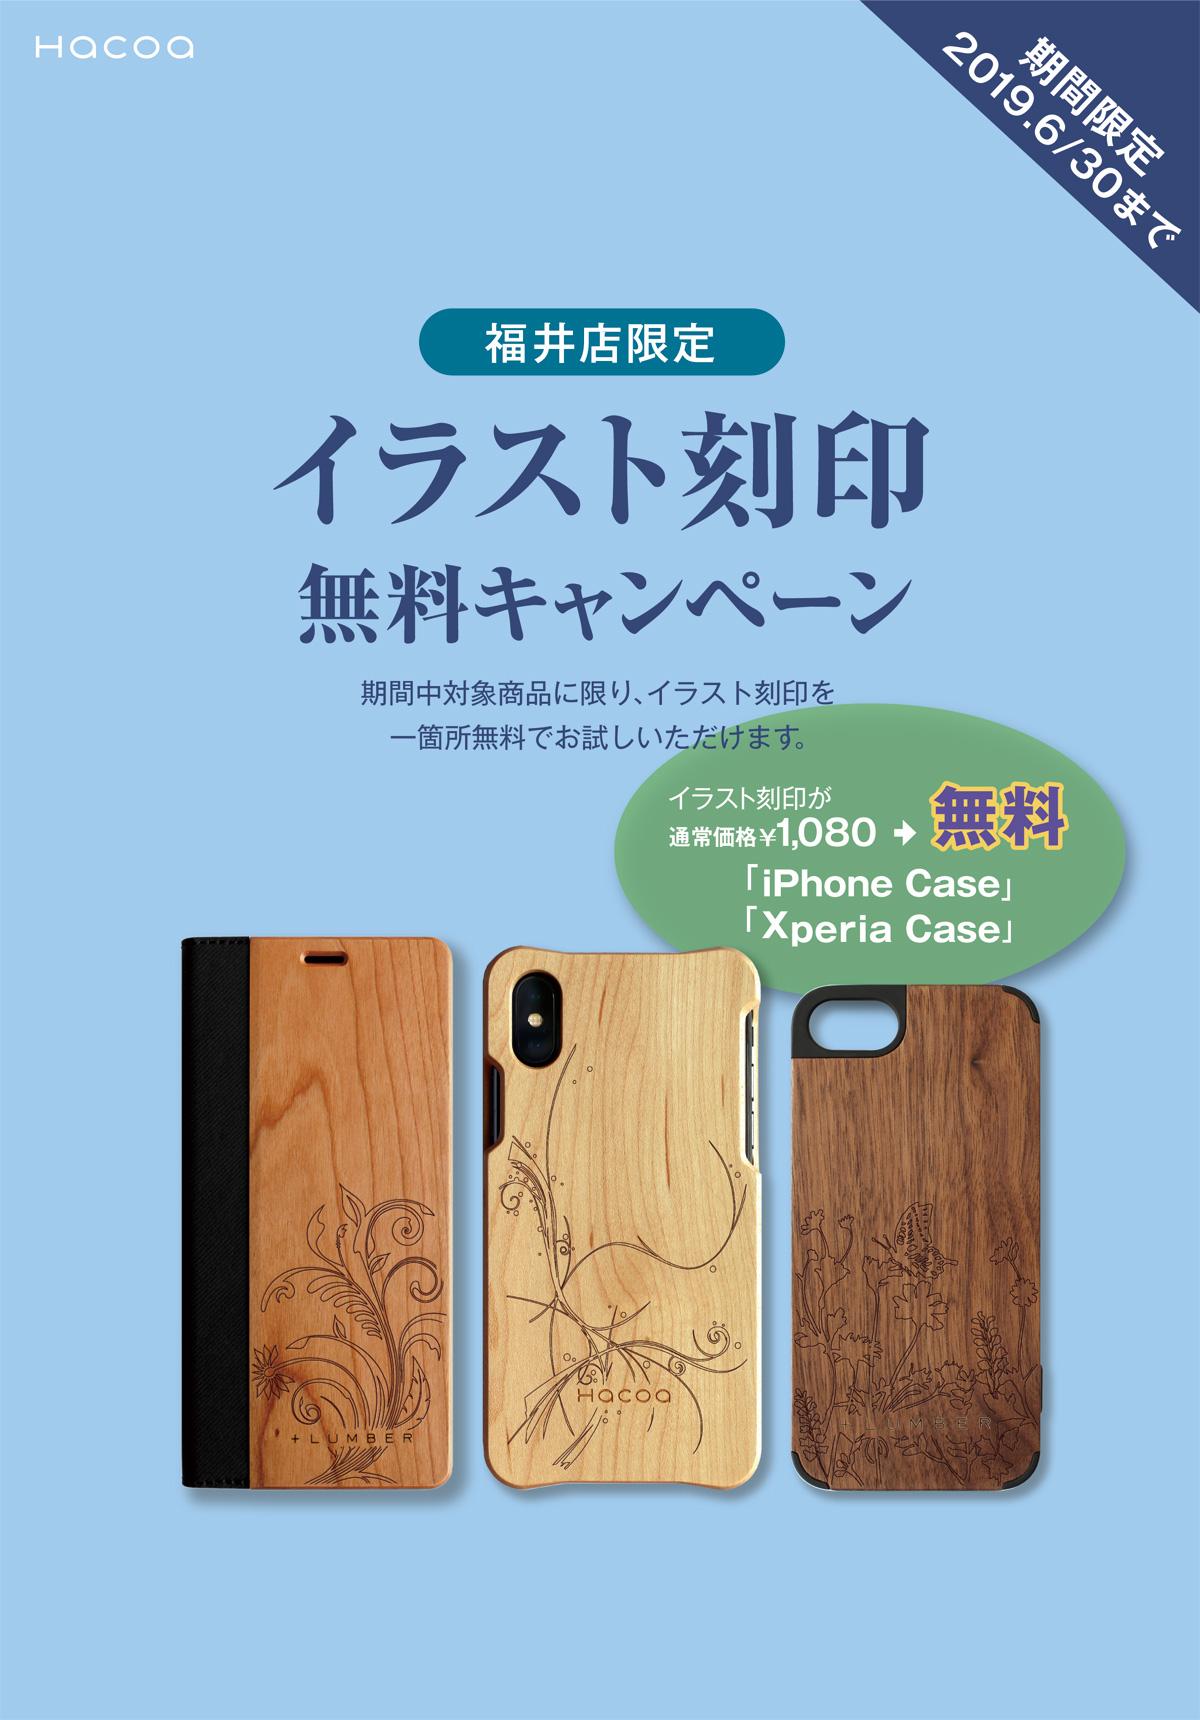 【福井店】イラスト刻印無料キャンペーン